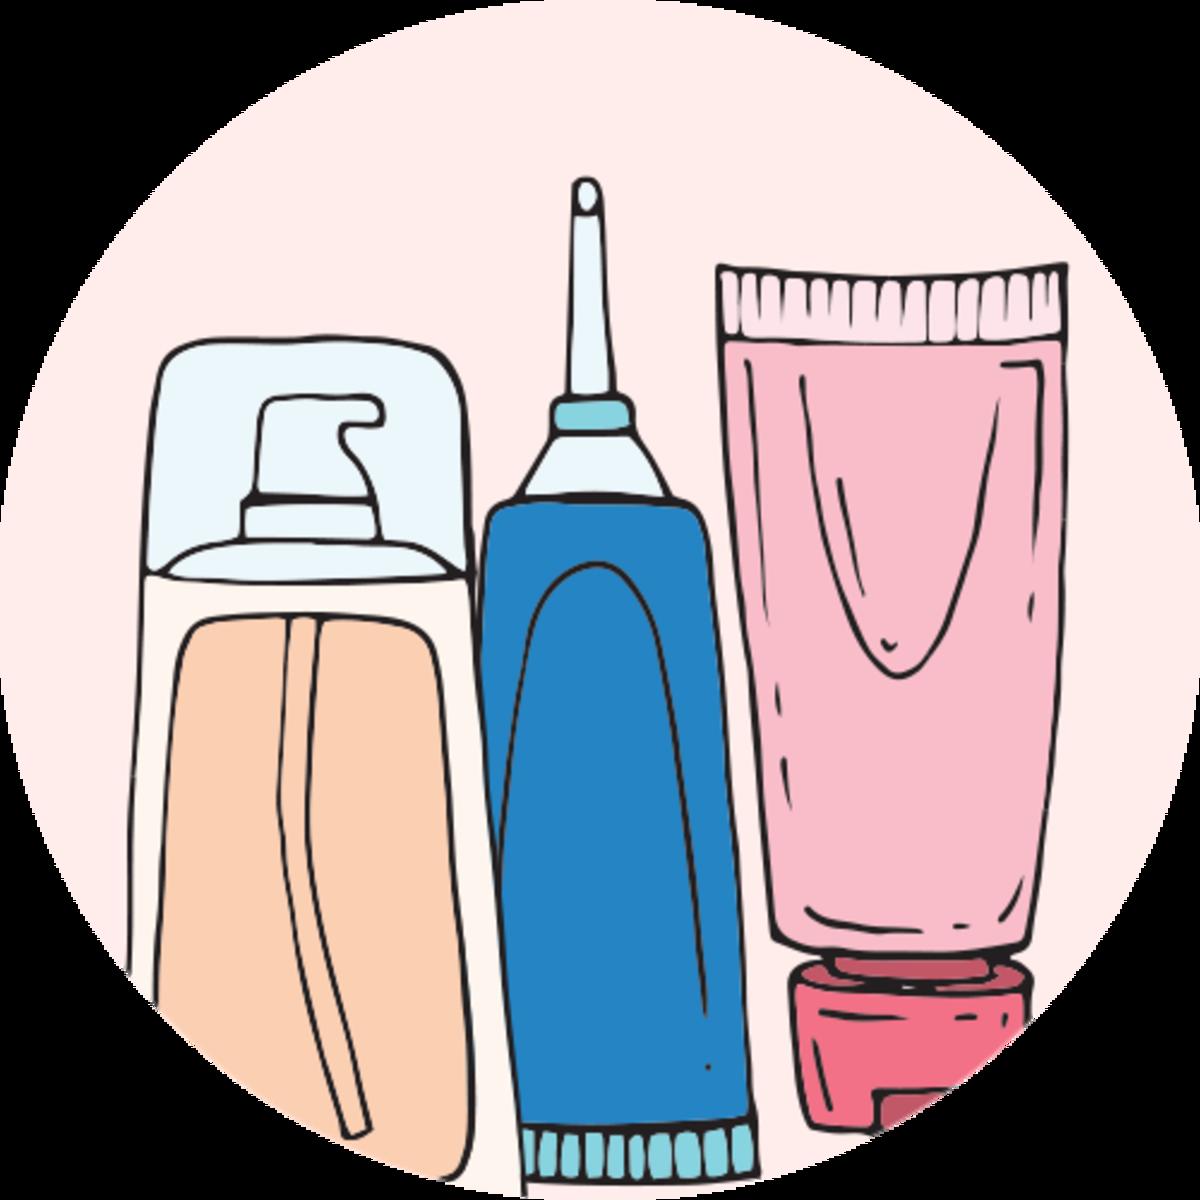 El cuidado de la. Skin clipart skin cream